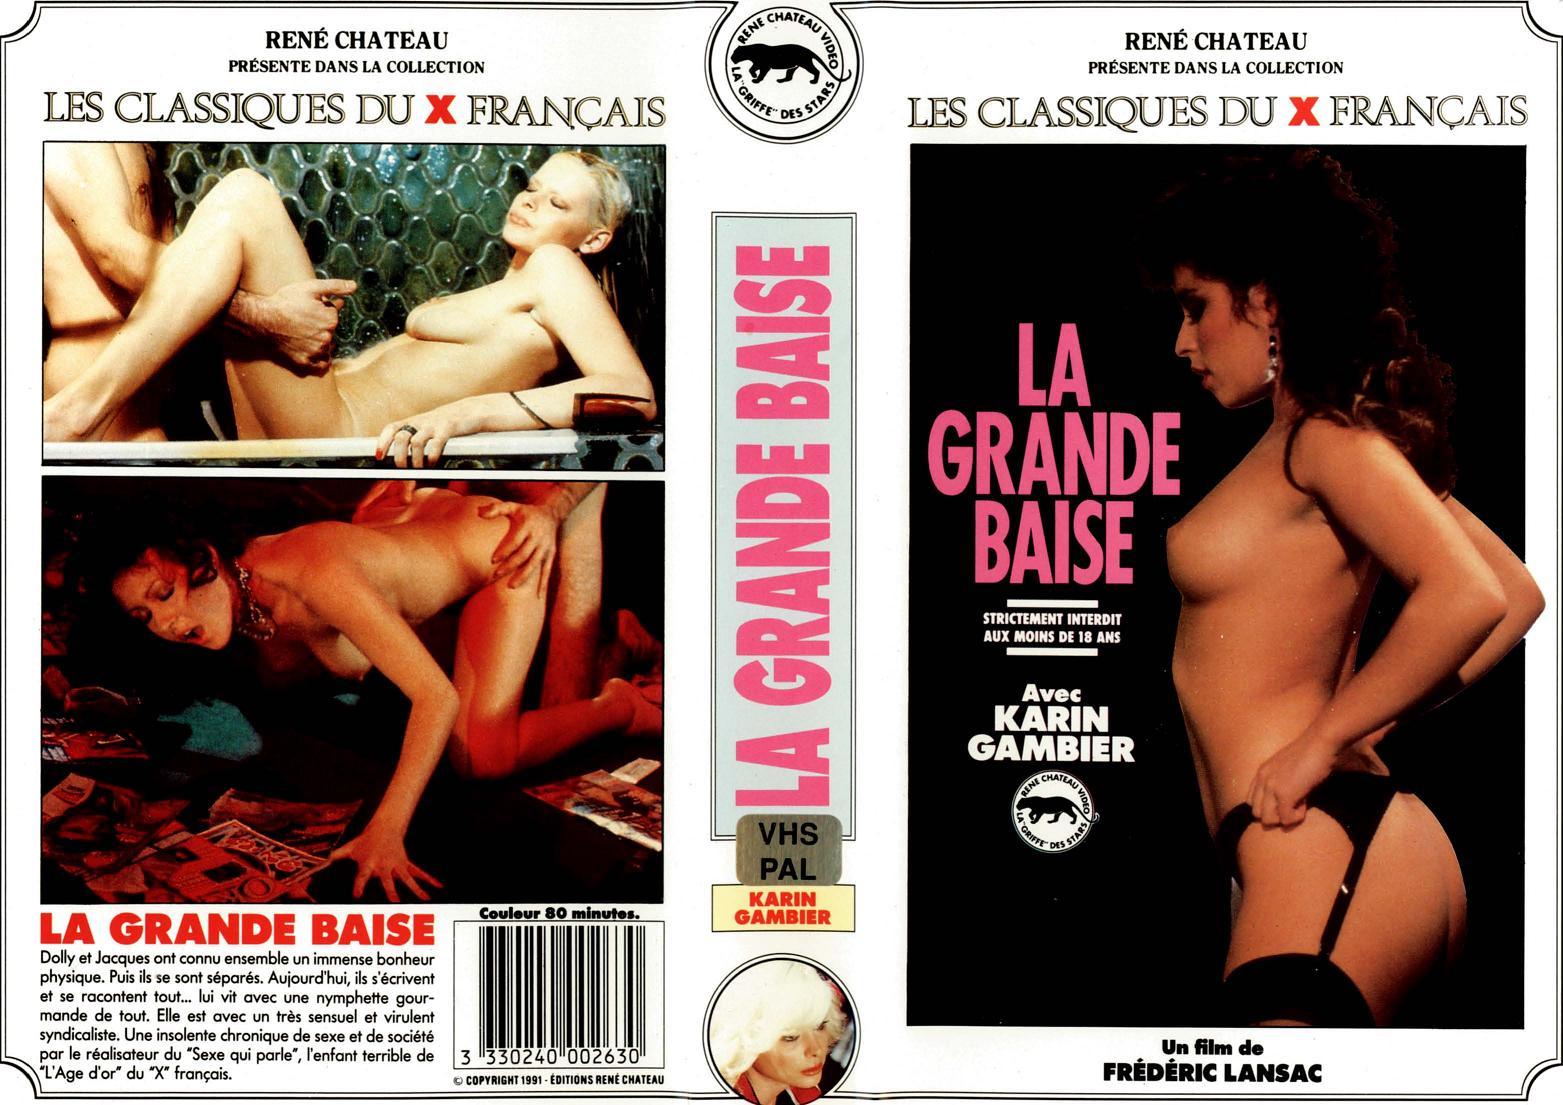 La grande baise 1977 - 1 part 8